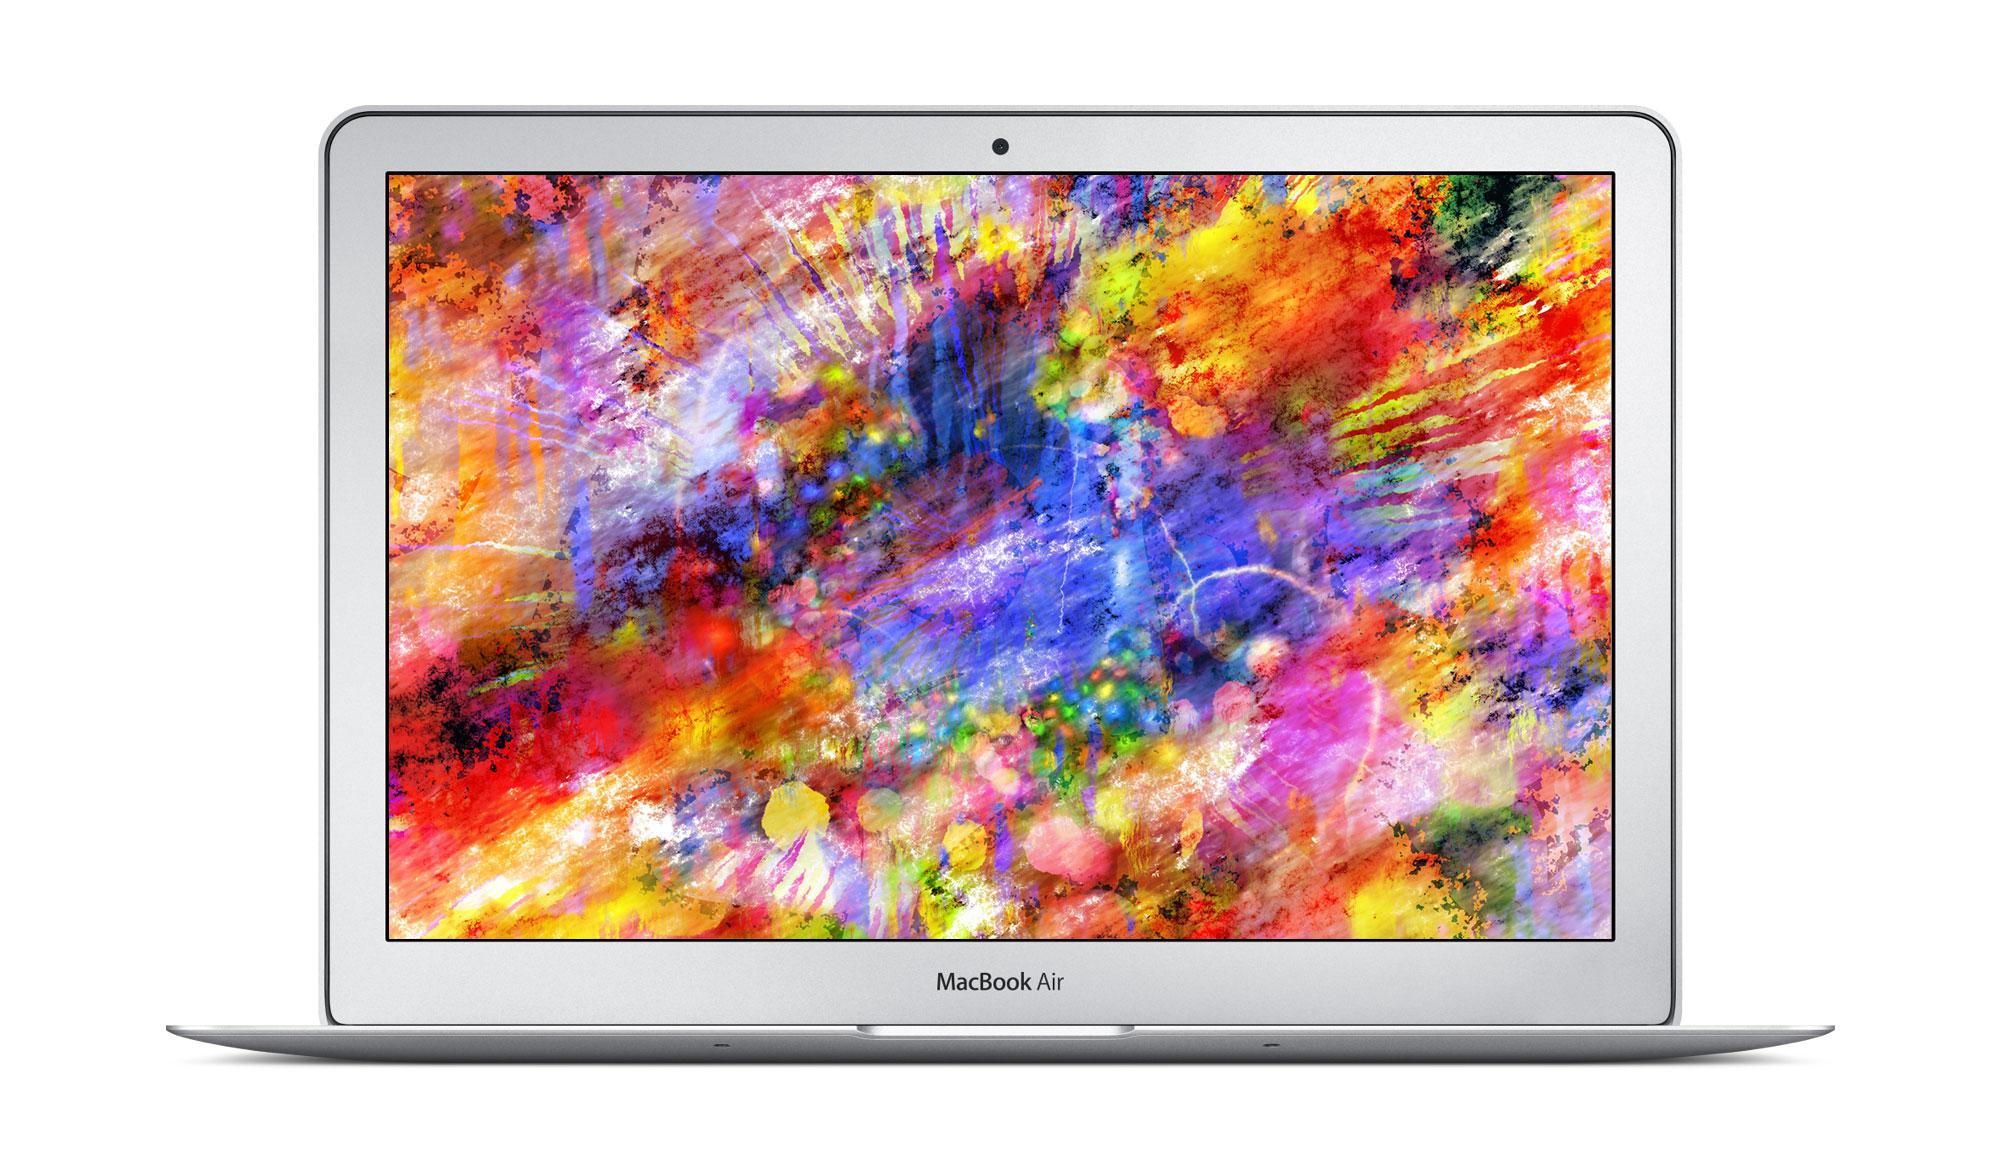 MacBook Air leasen